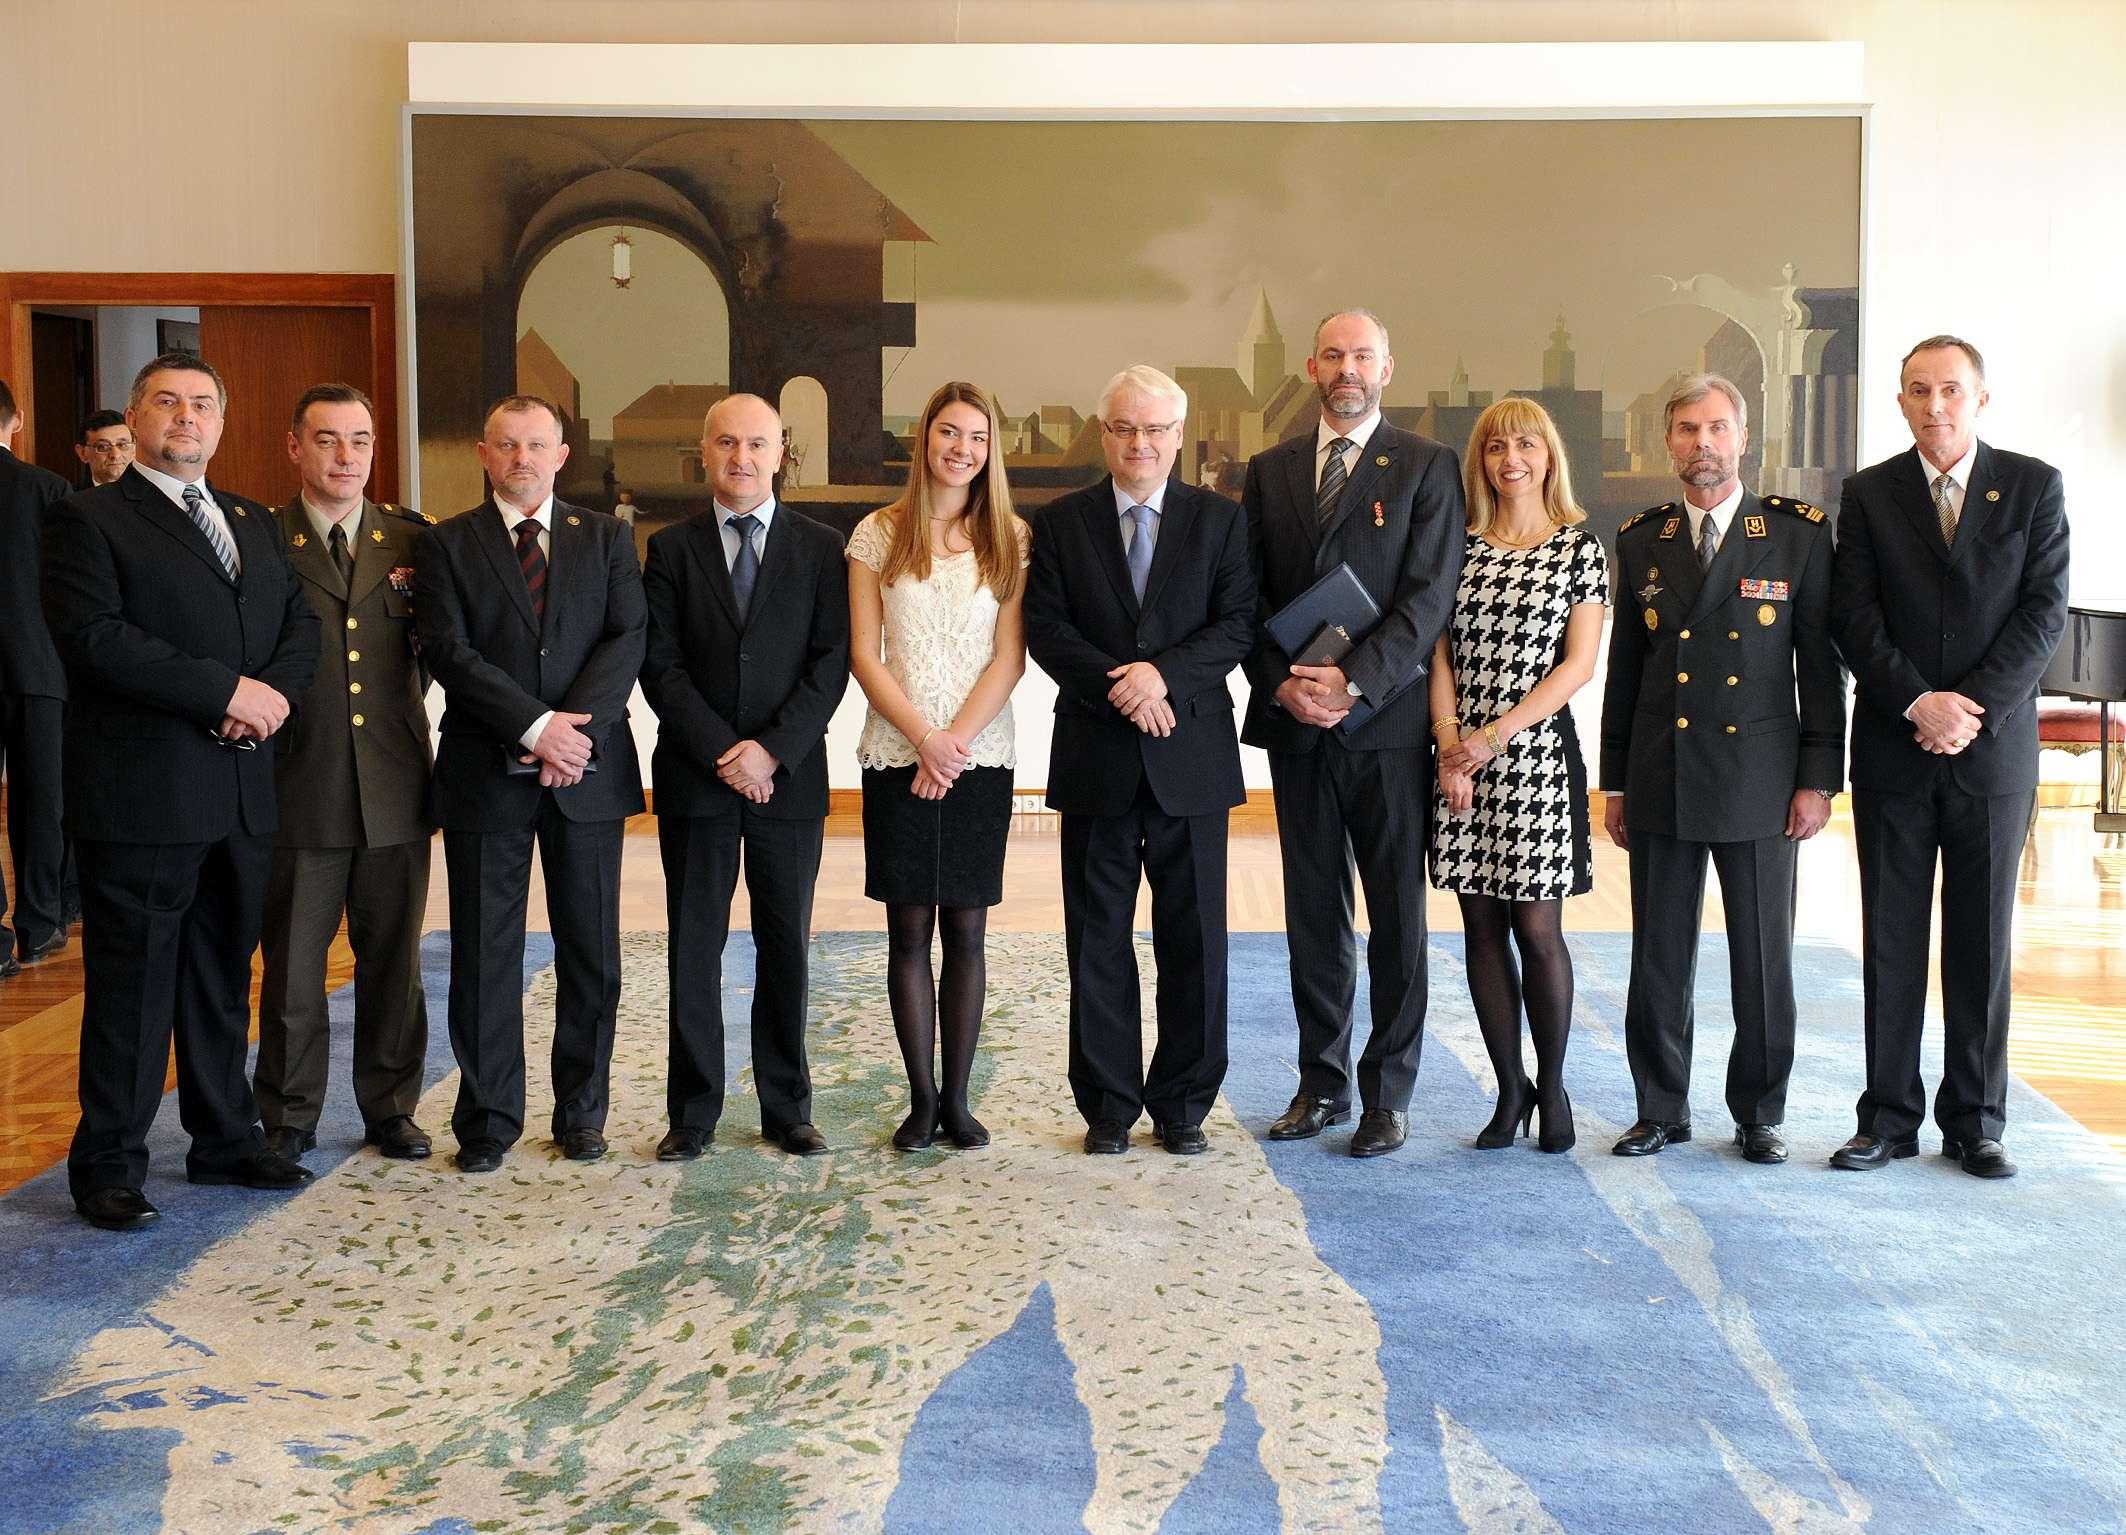 Predsjednik Josipović uručio odlikovanje prim.dr.sc. Igoru Rudežu